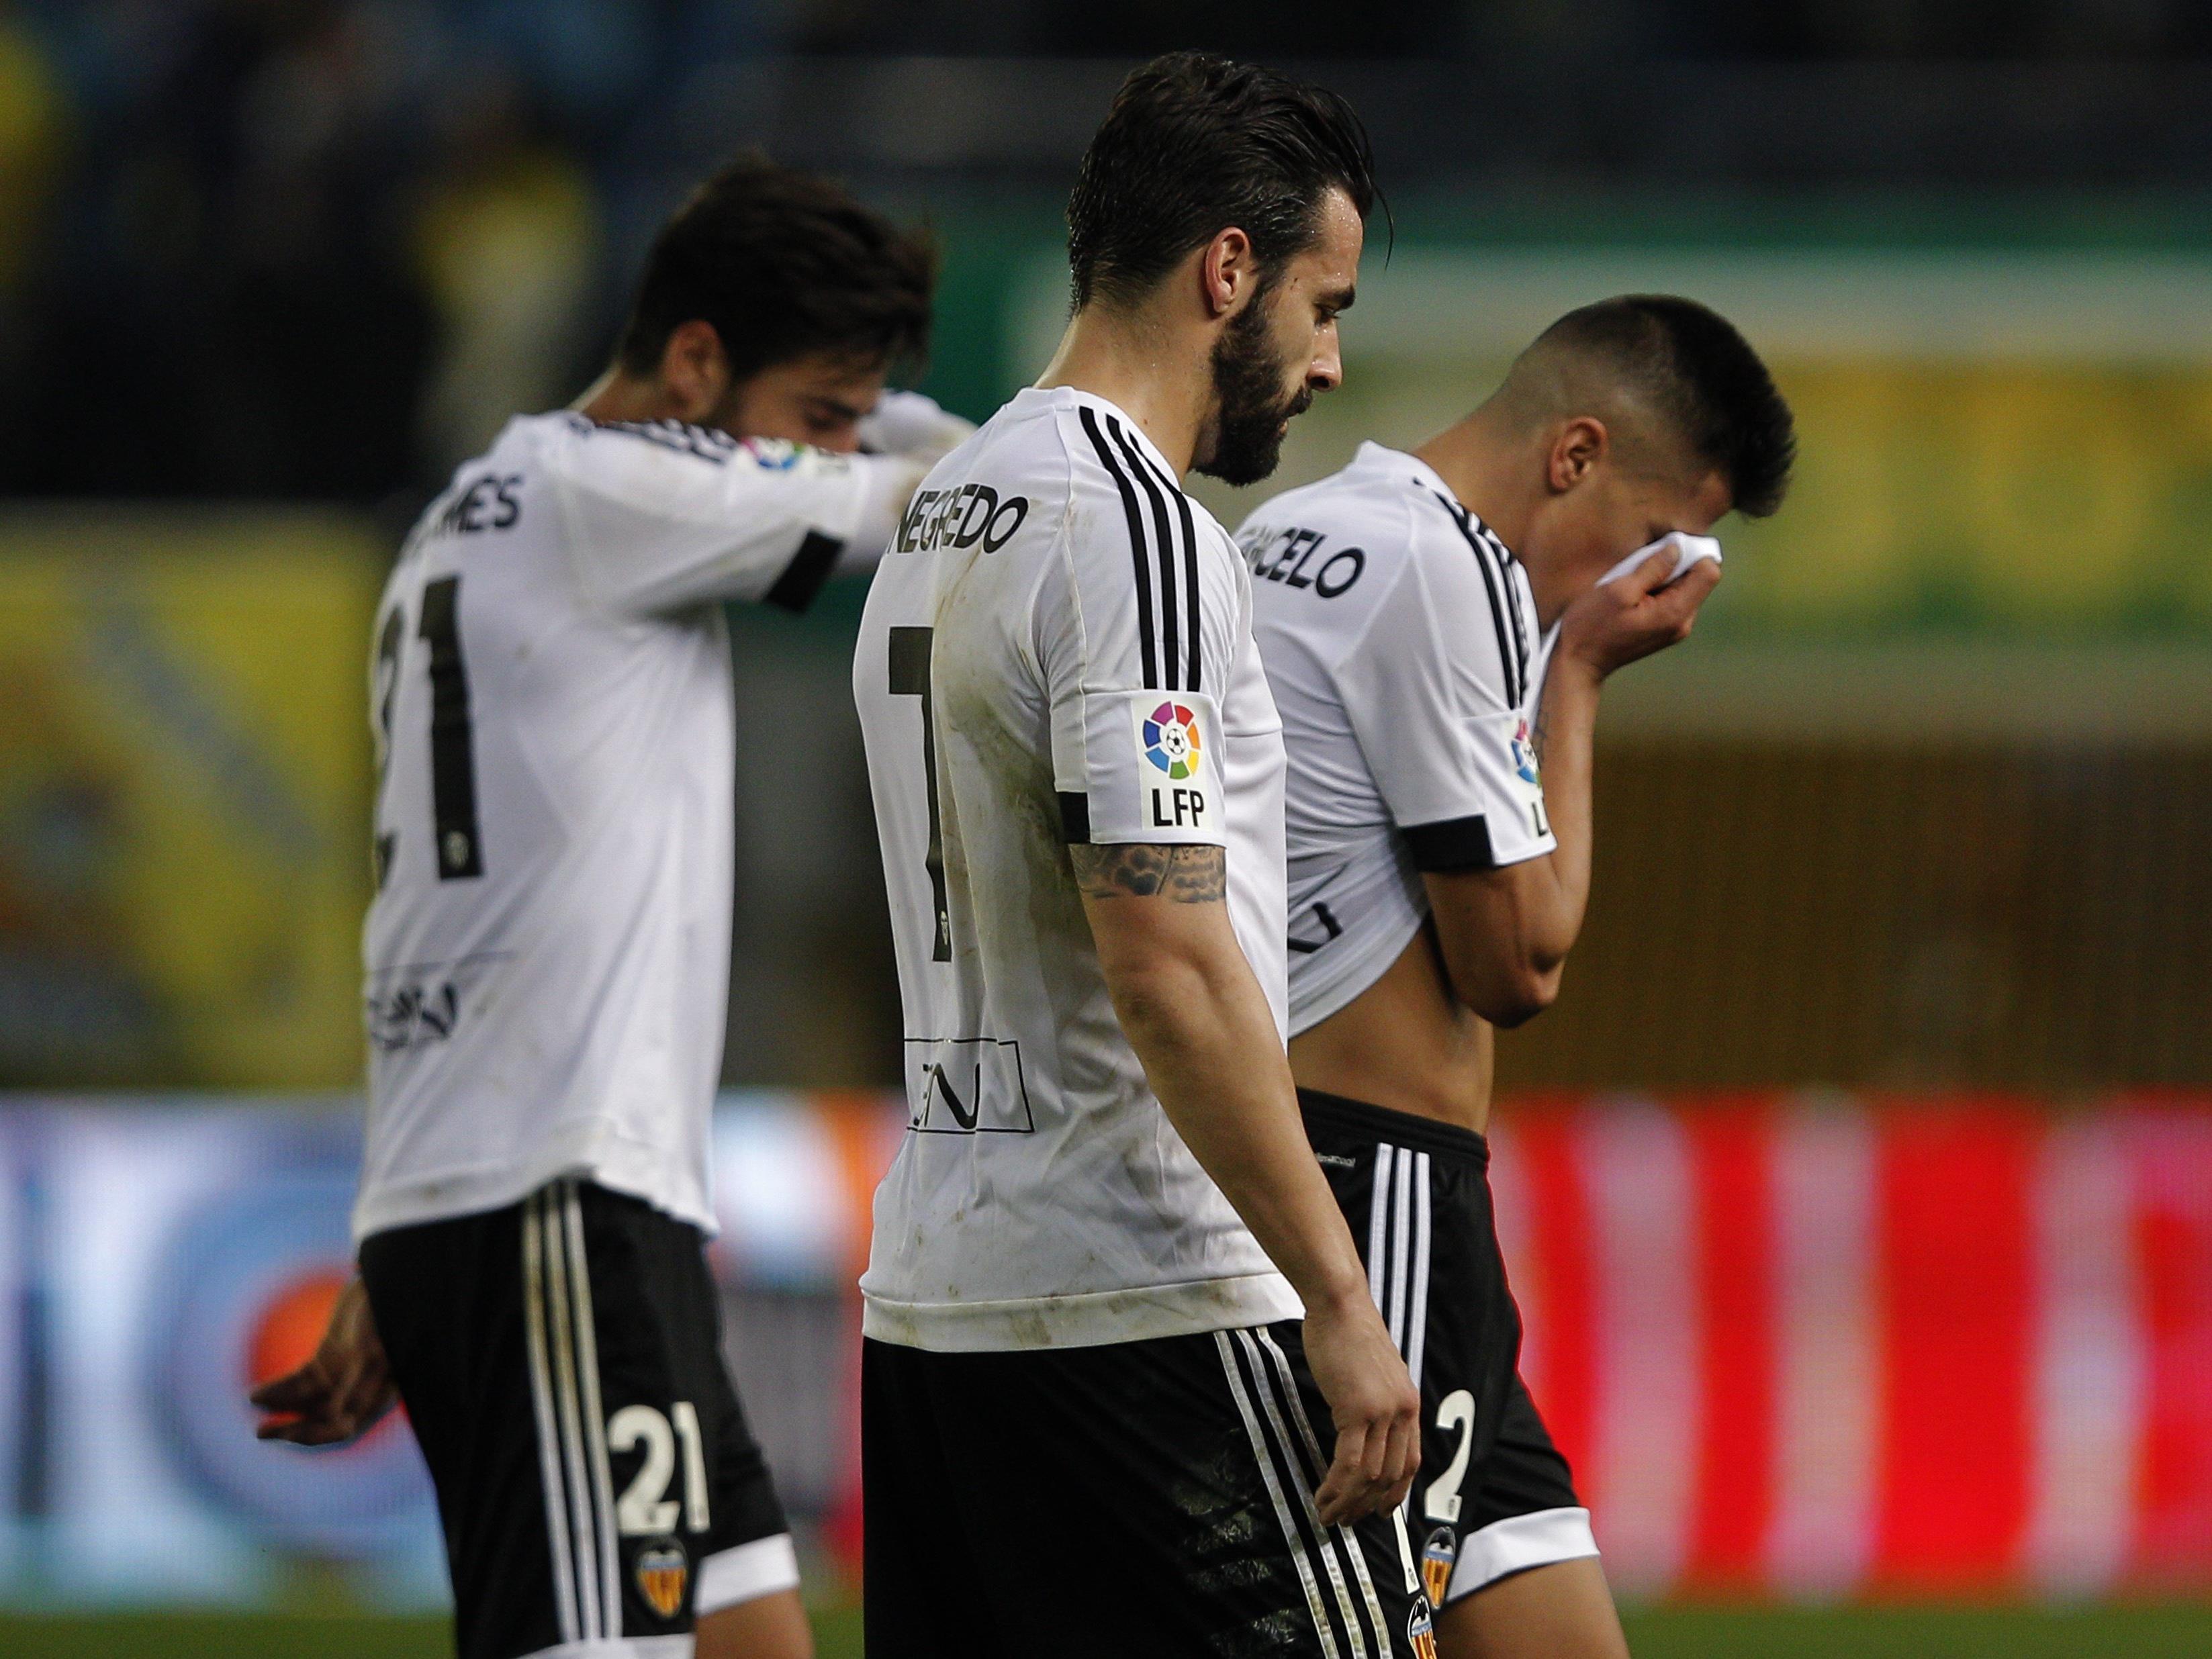 Weiterhin hängende Köpfe beim FC Valencia.